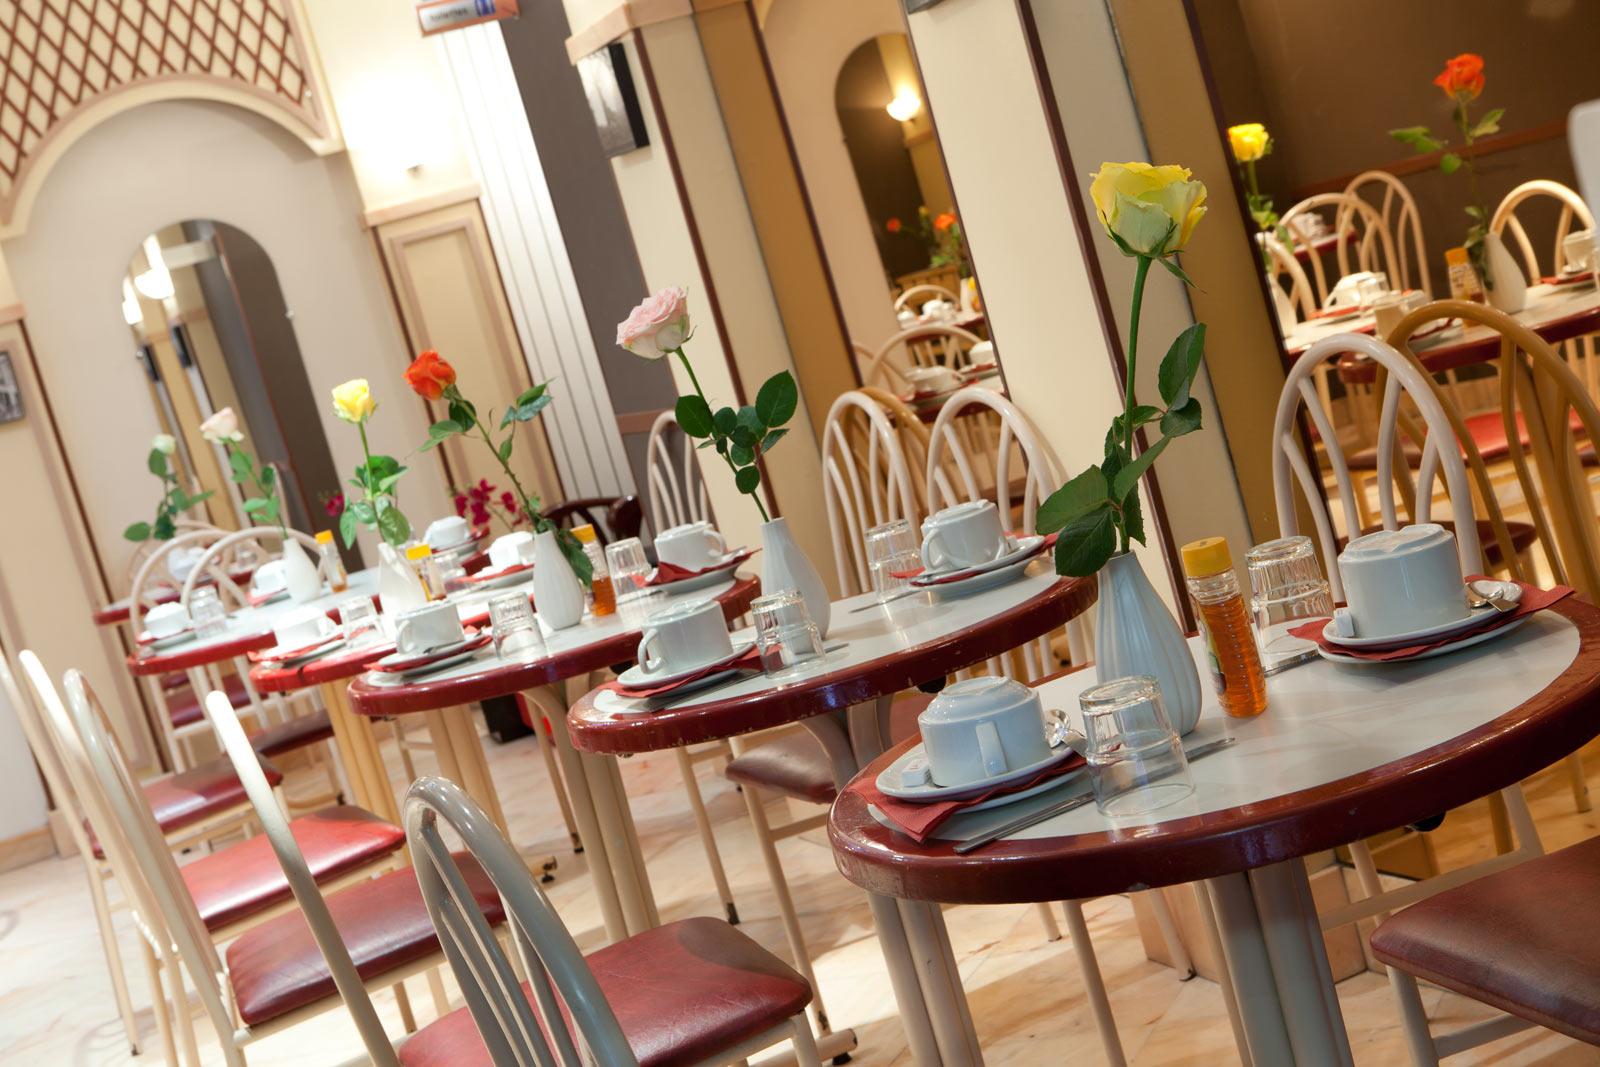 Grand Hotel Pigalle Caf Ef Bf Bd